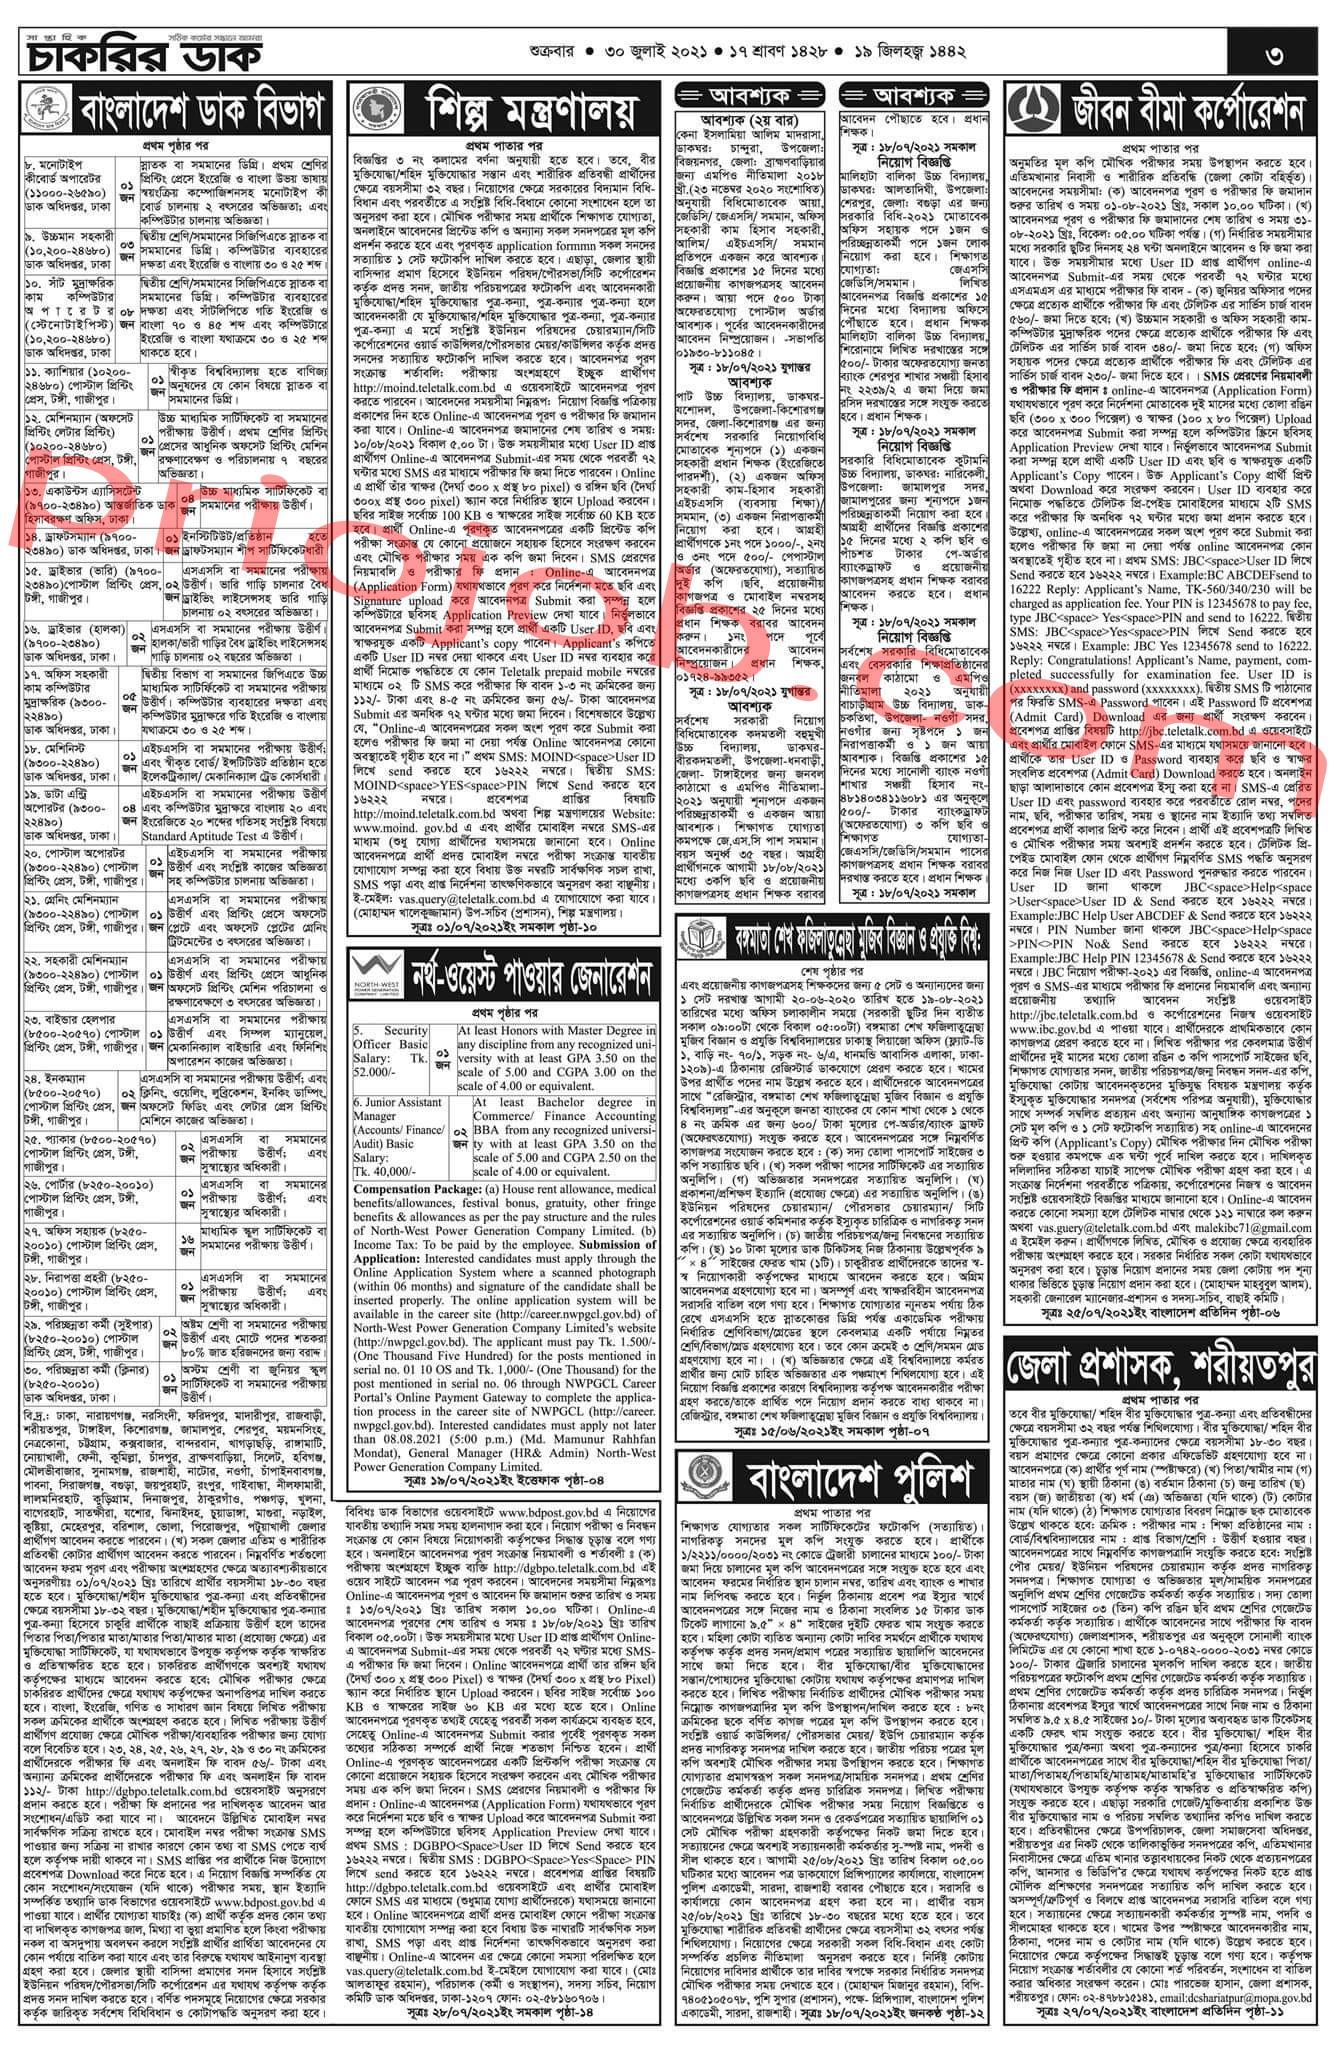 সাপ্তাহিক চাকরির ডাক পত্রিকা ৩০ জুলাই ২০২১ - Saptahik Chakrir Dak Potrika 30 july 2021 - Weekly Chakrir Dak Newspaper 30 July 2021 - সাপ্তাহিক চাকরির ডাক পত্রিকা ২০২১-২০২২